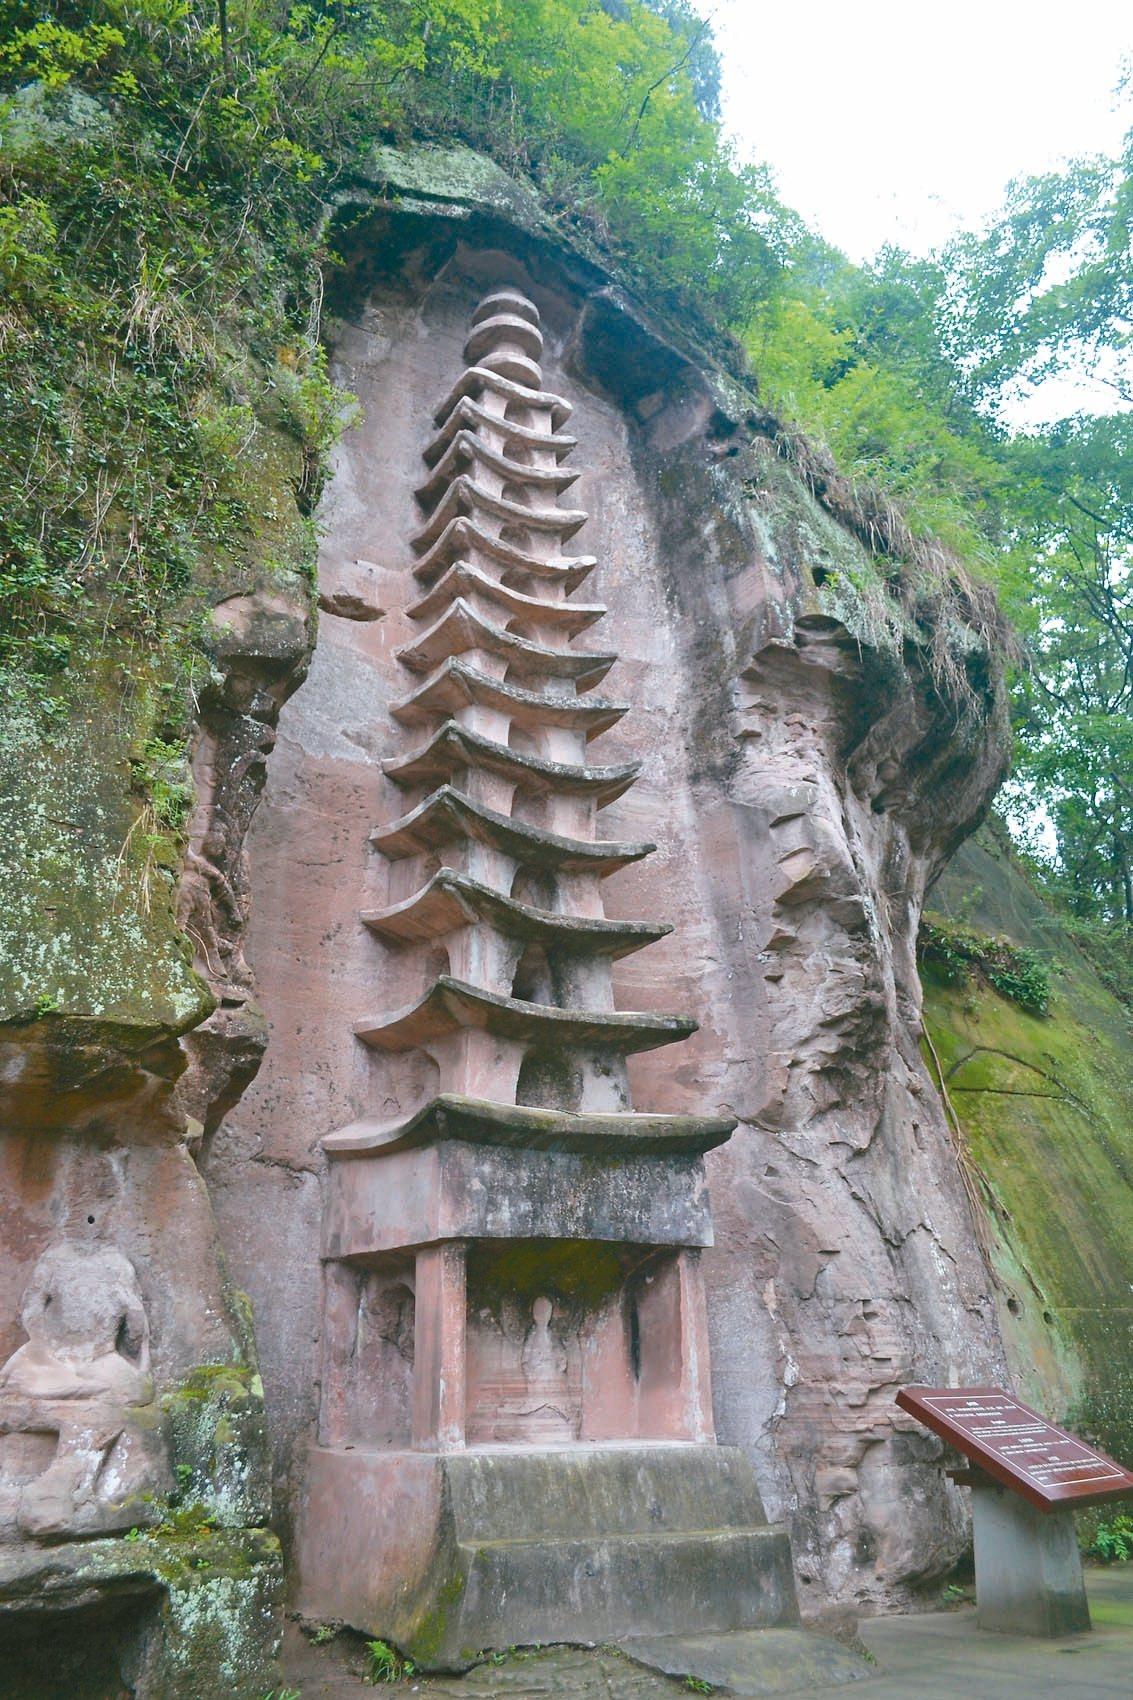 舍利塔為晚唐祕檐式摩岩浮屠,共13層。 特派員王玉燕/攝影